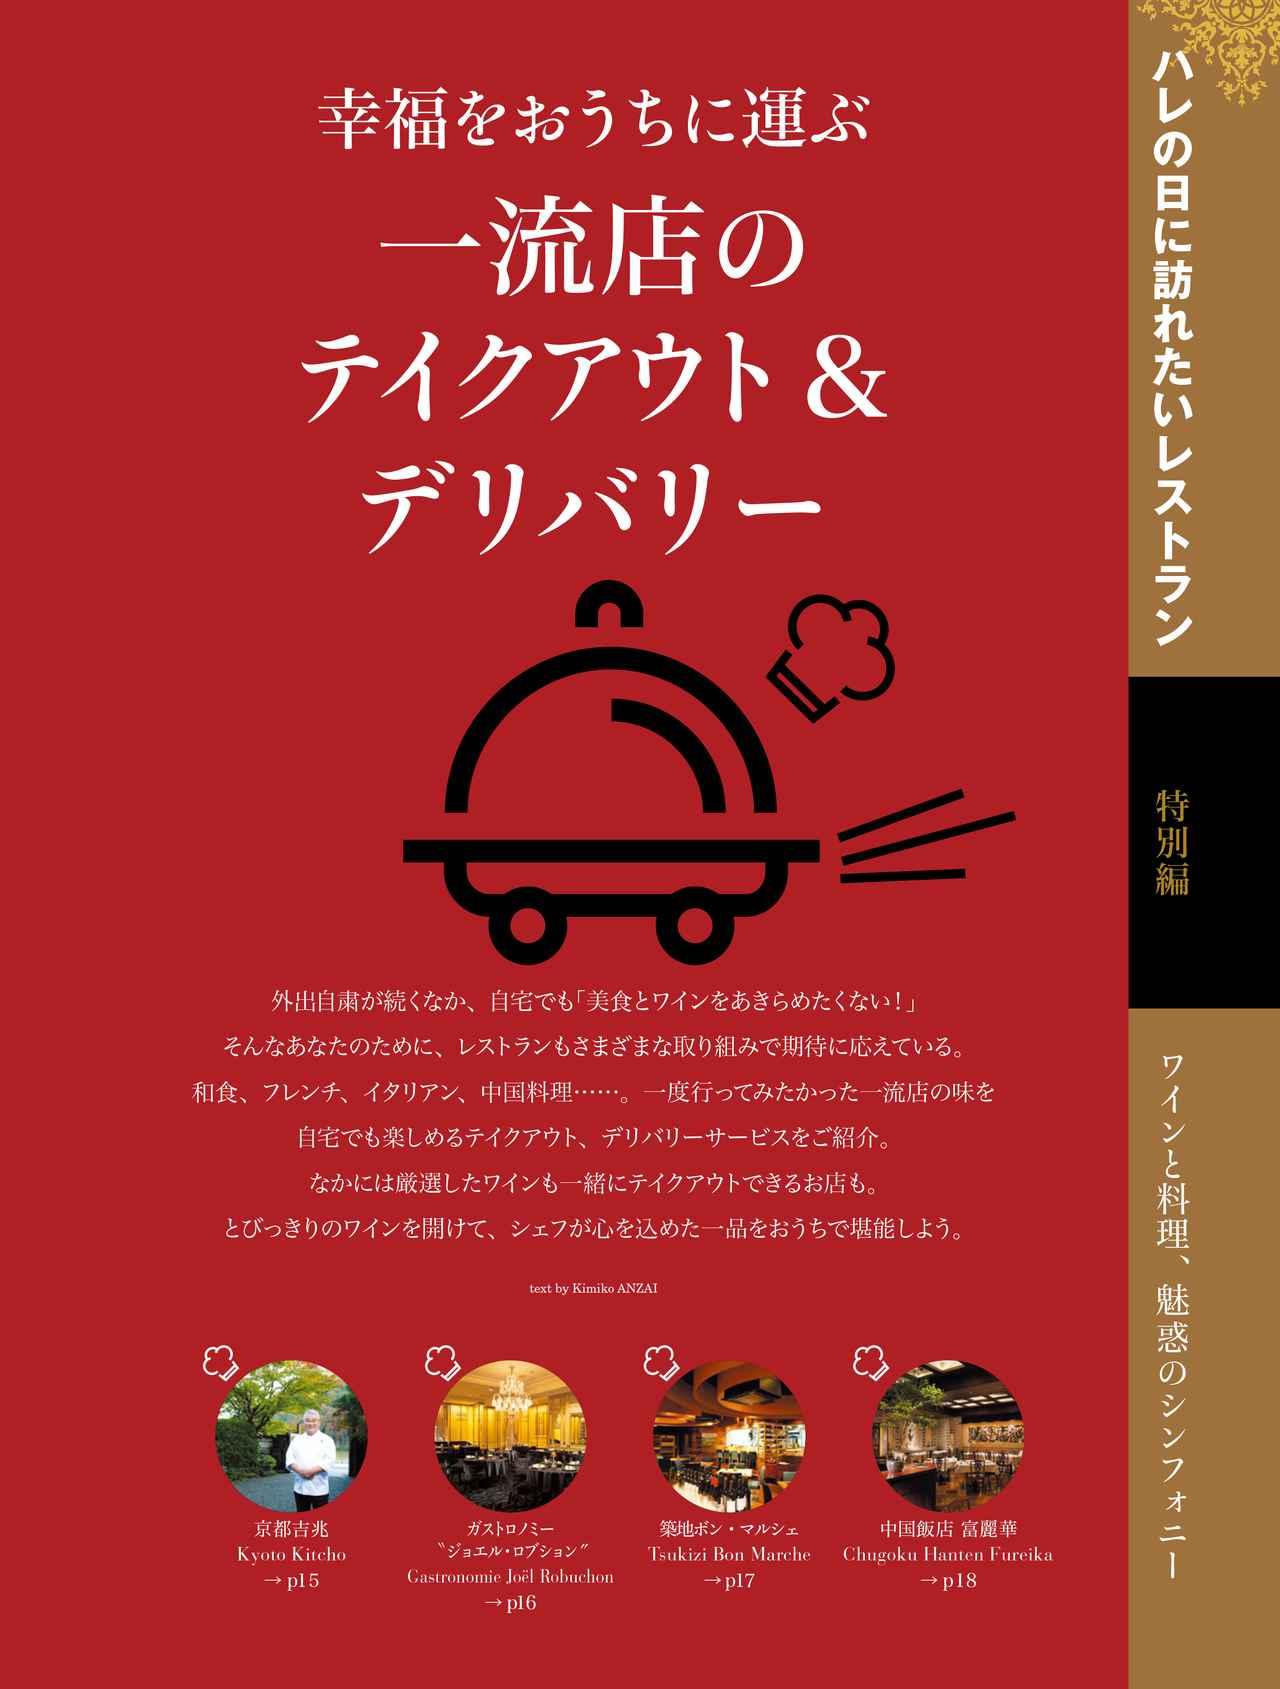 画像1: 『ワイン王国 117号』日本ワイン 注目のグラン・クリュを大特集/抽選で豪華商品もあり ラベルグランプリ開催